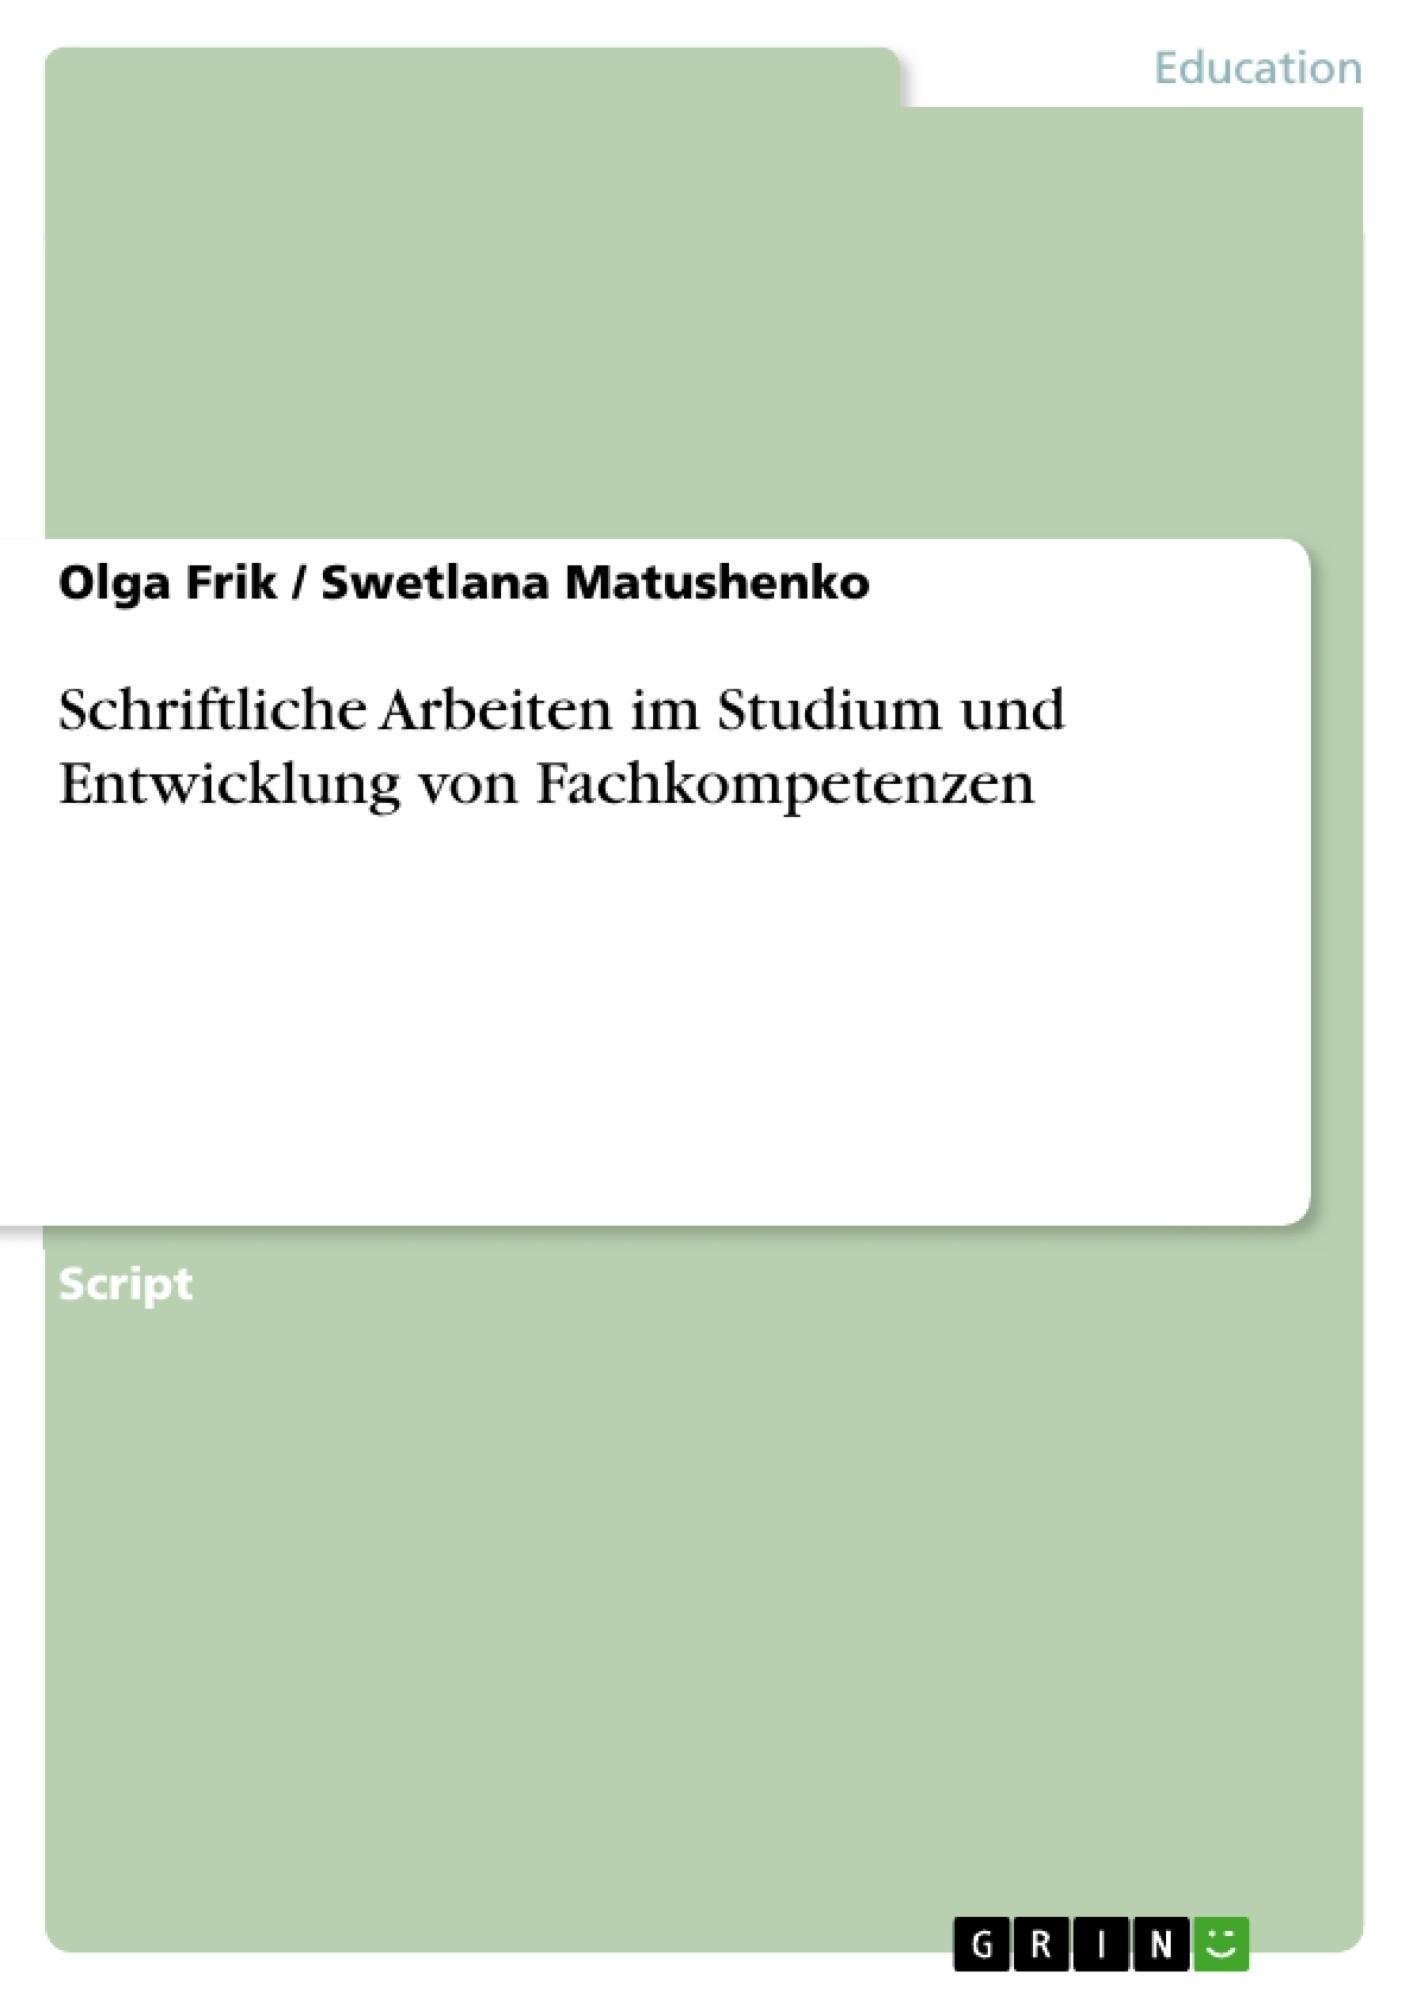 Title: Schriftliche Arbeiten im Studium und Entwicklung von Fachkompetenzen